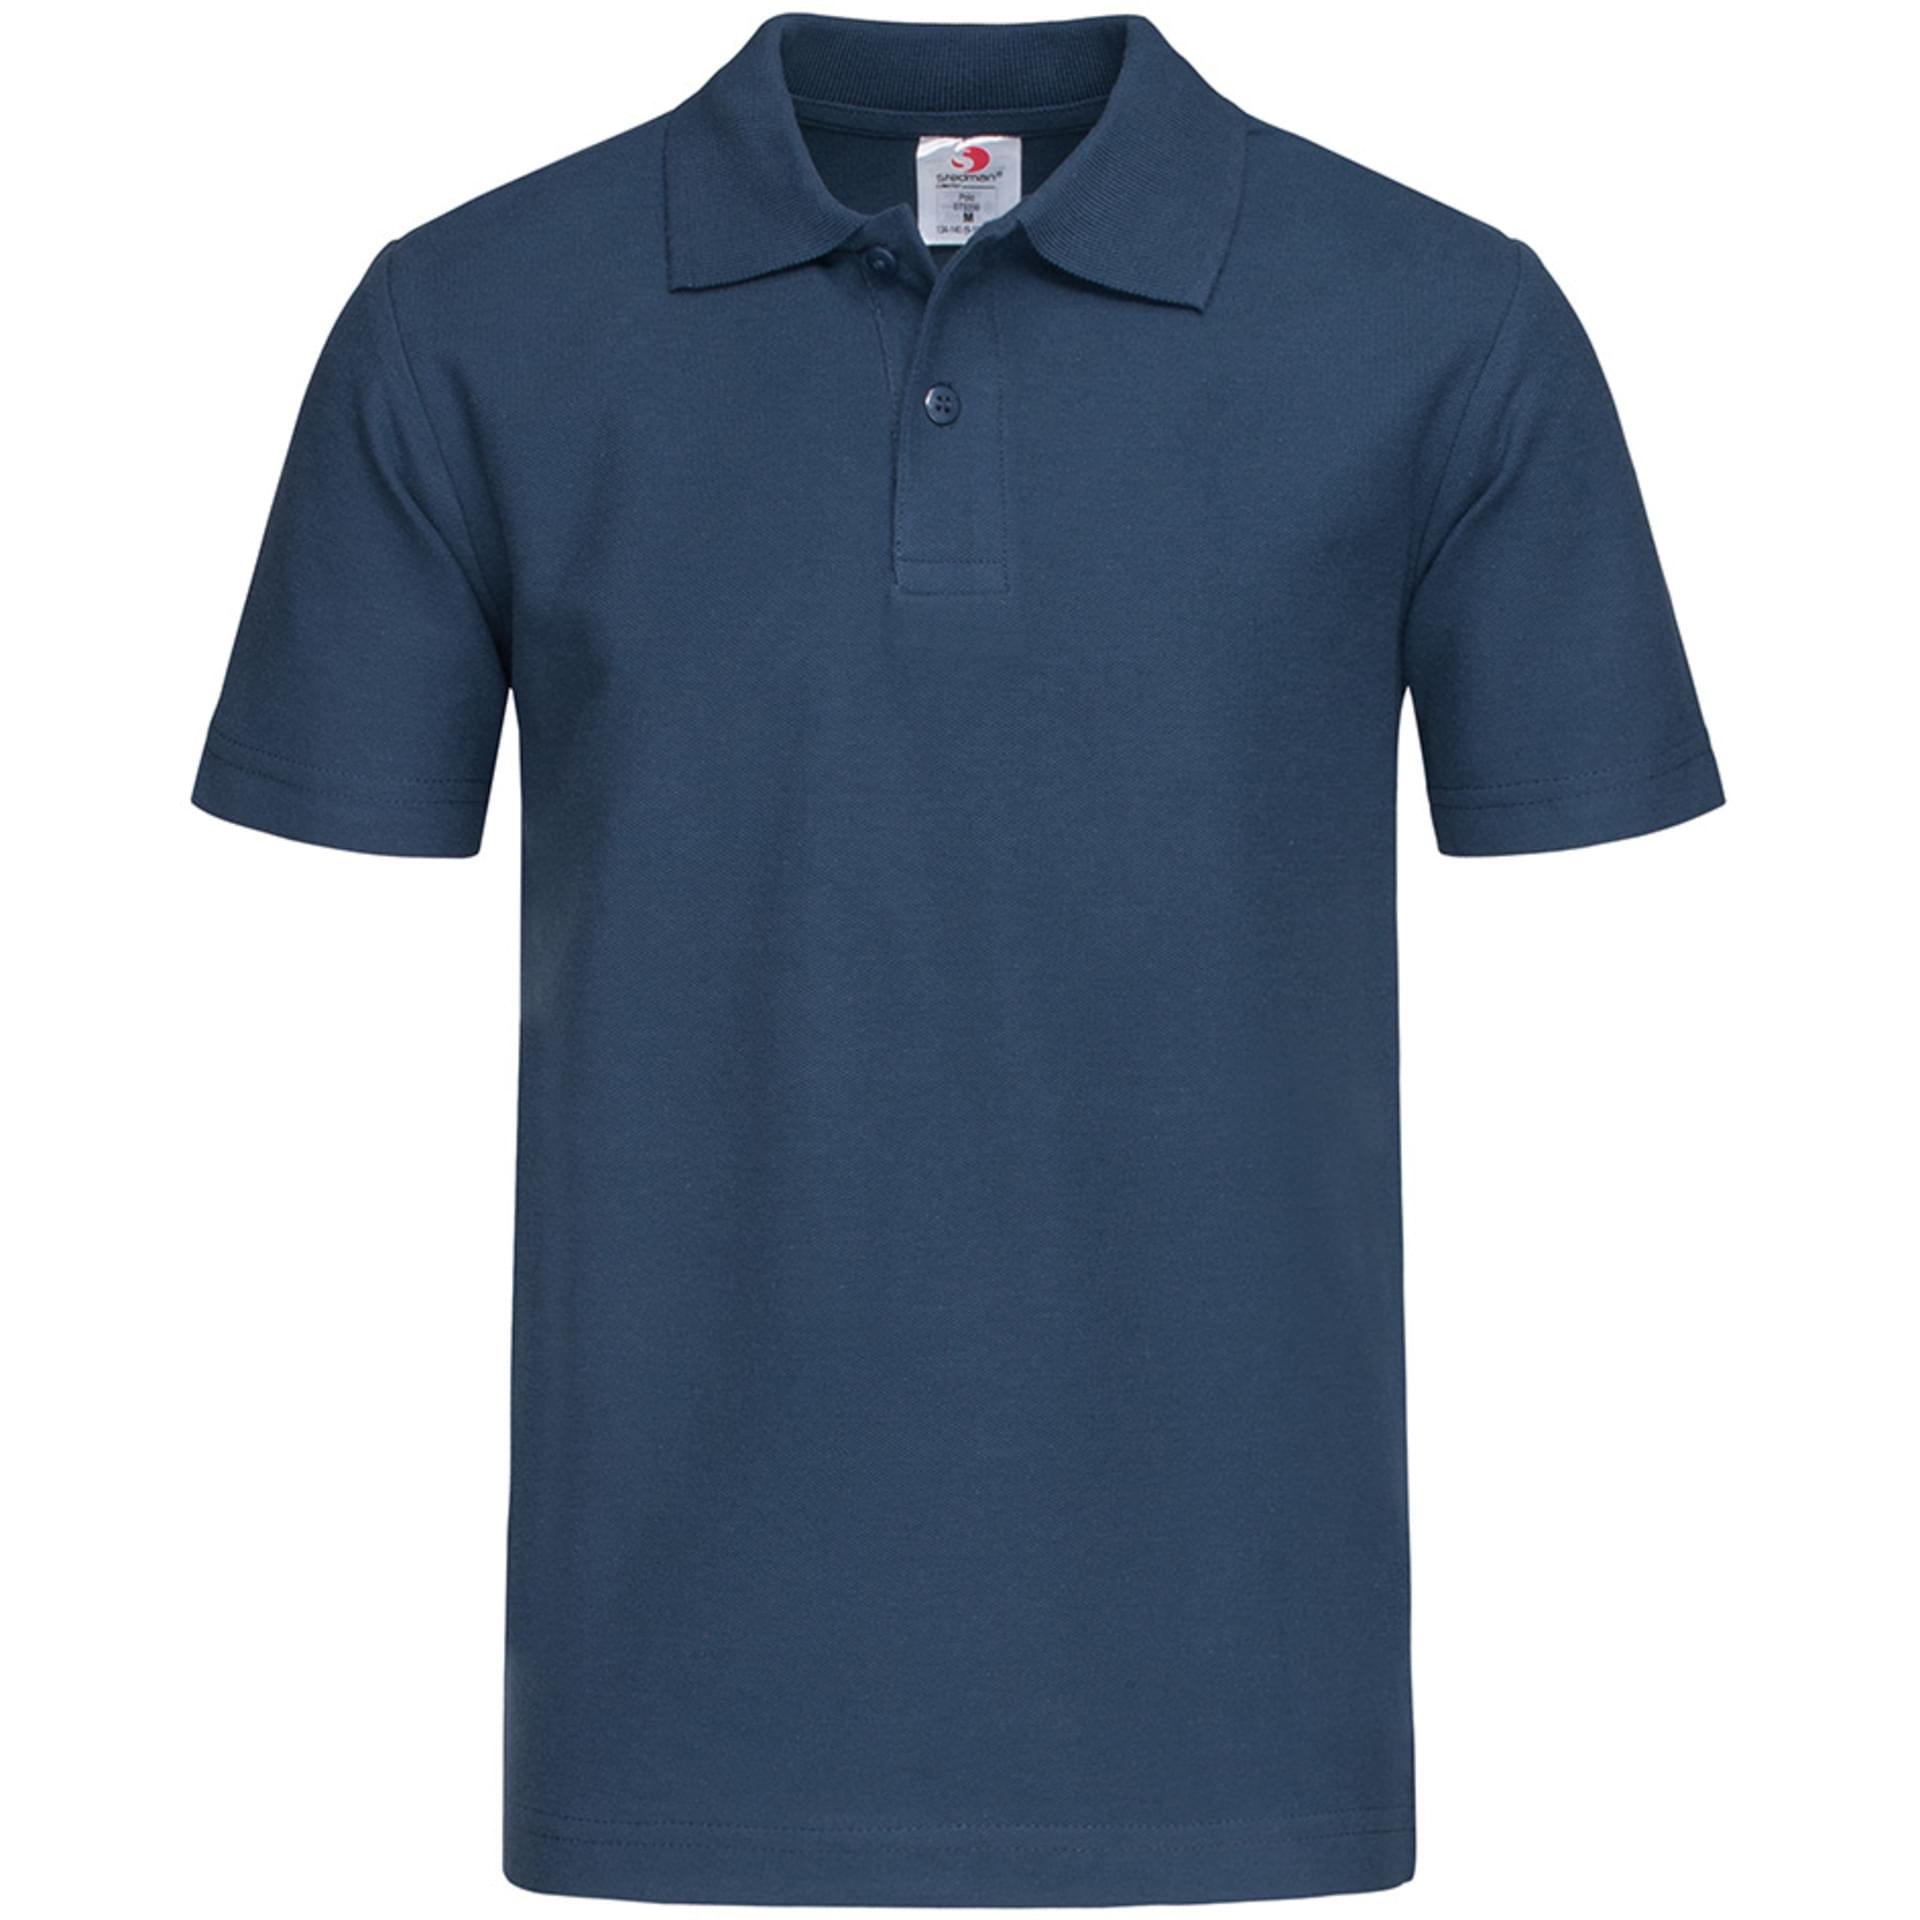 Polo Personnalise Short Sleeve Polo Shirt For Children Stedman Navy Blue